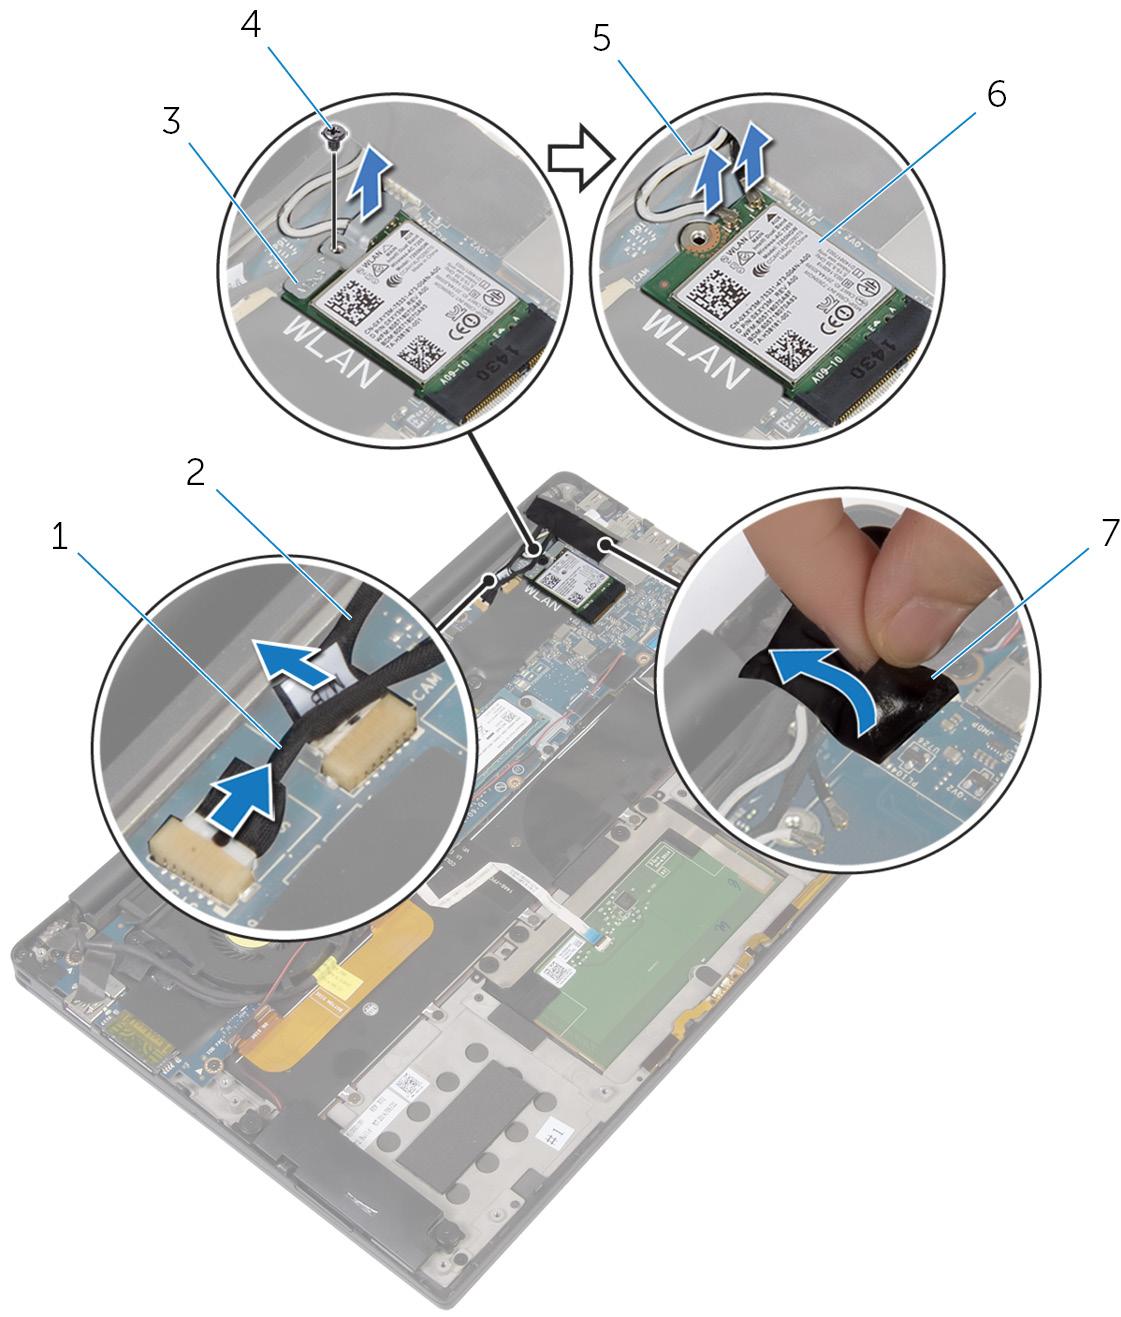 画像:タッチスクリーンケーブル(オプション)、カメラケーブル、アンテナケーブルの取り外し。